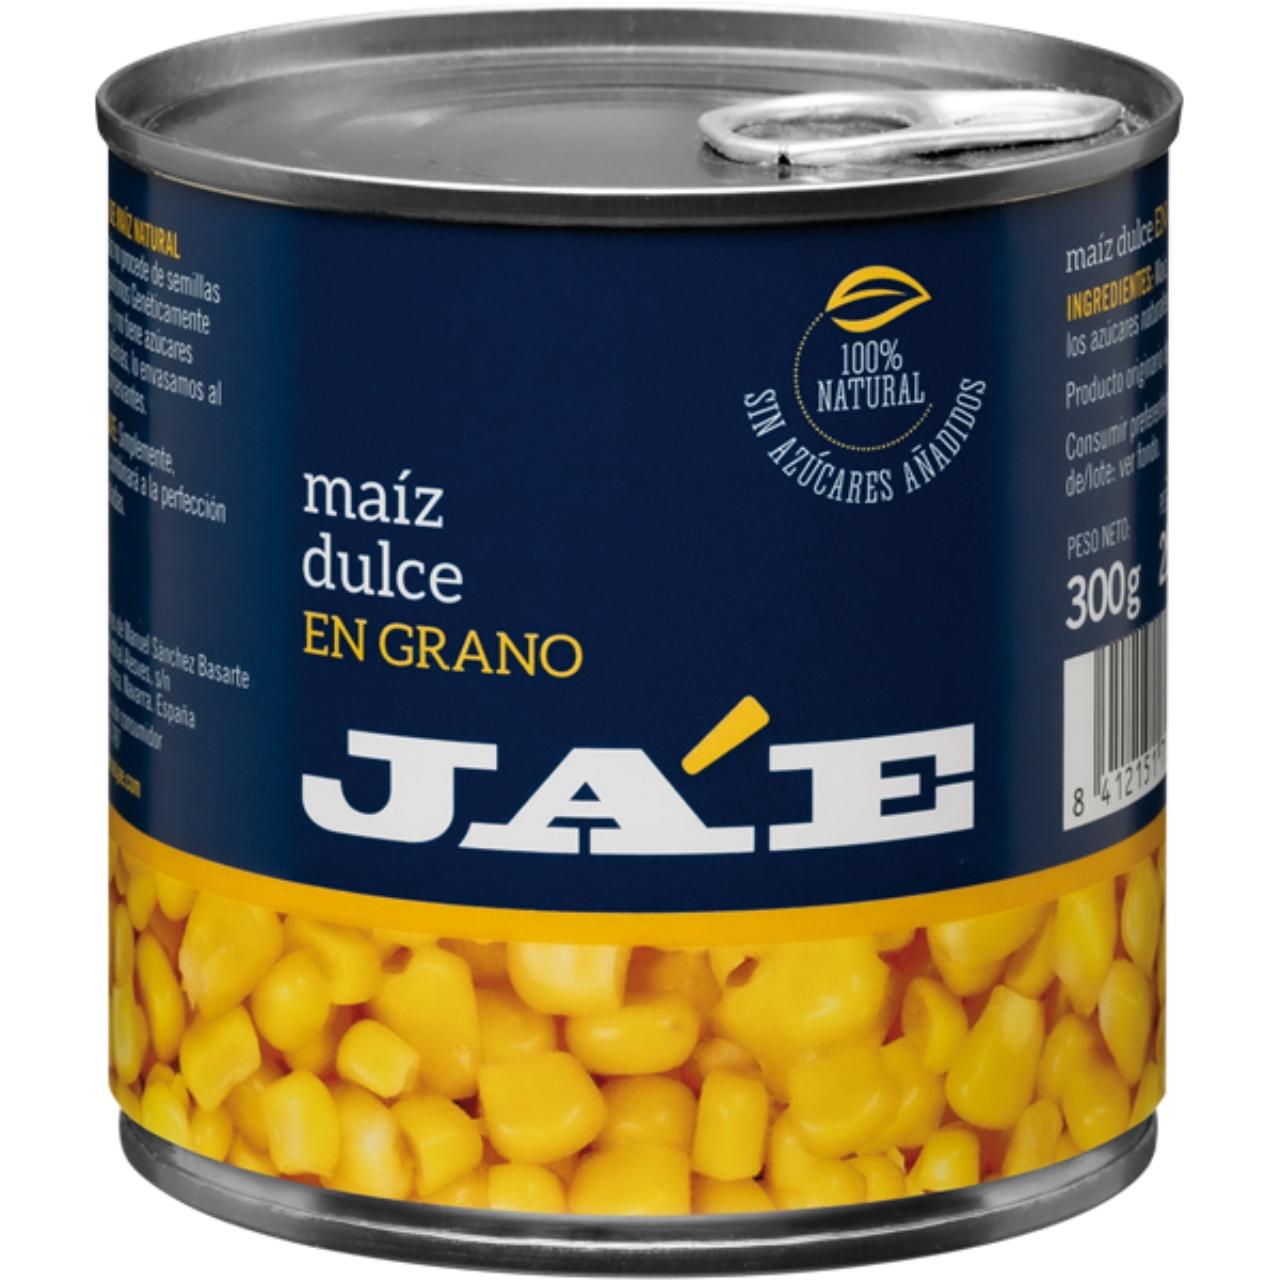 Maiz dulce 425gr. JA'E